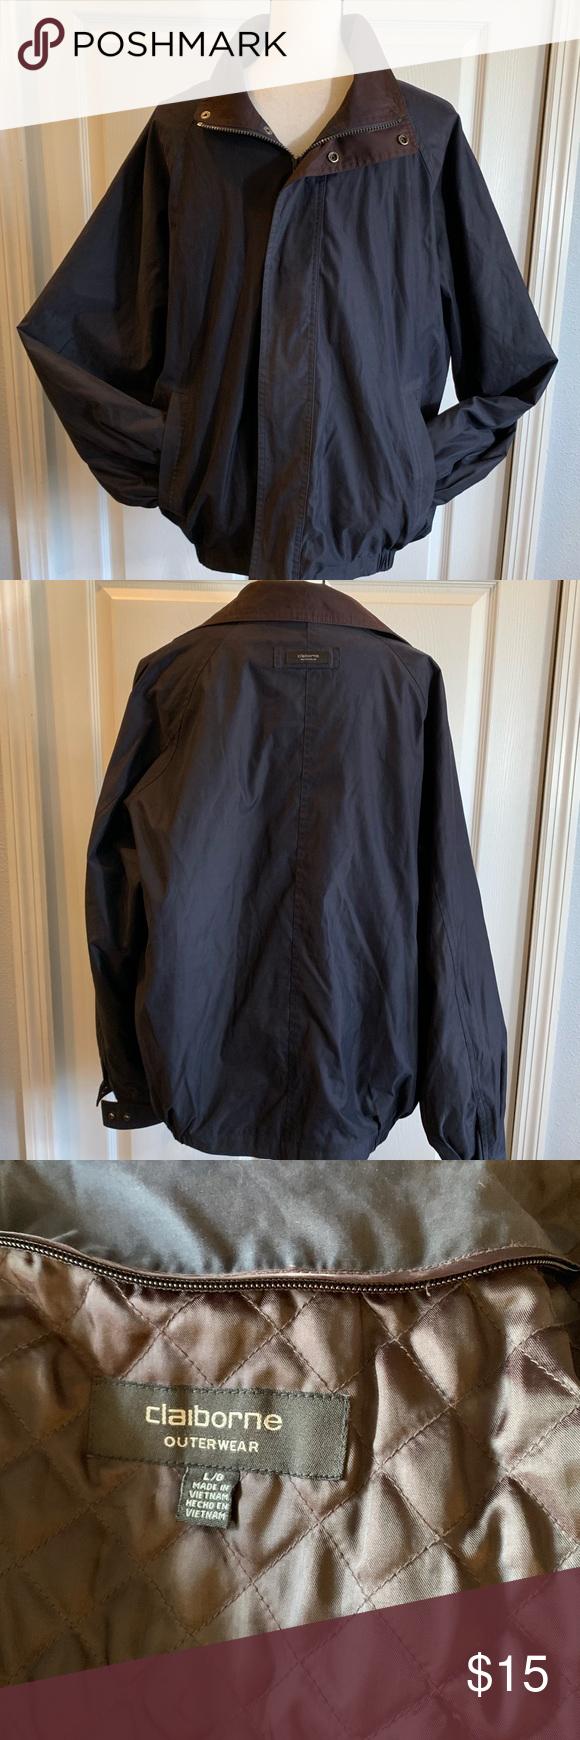 Claiborne Outerwear Men S Jacket Large Outerwear Mens Outerwear Claiborne [ 1740 x 580 Pixel ]